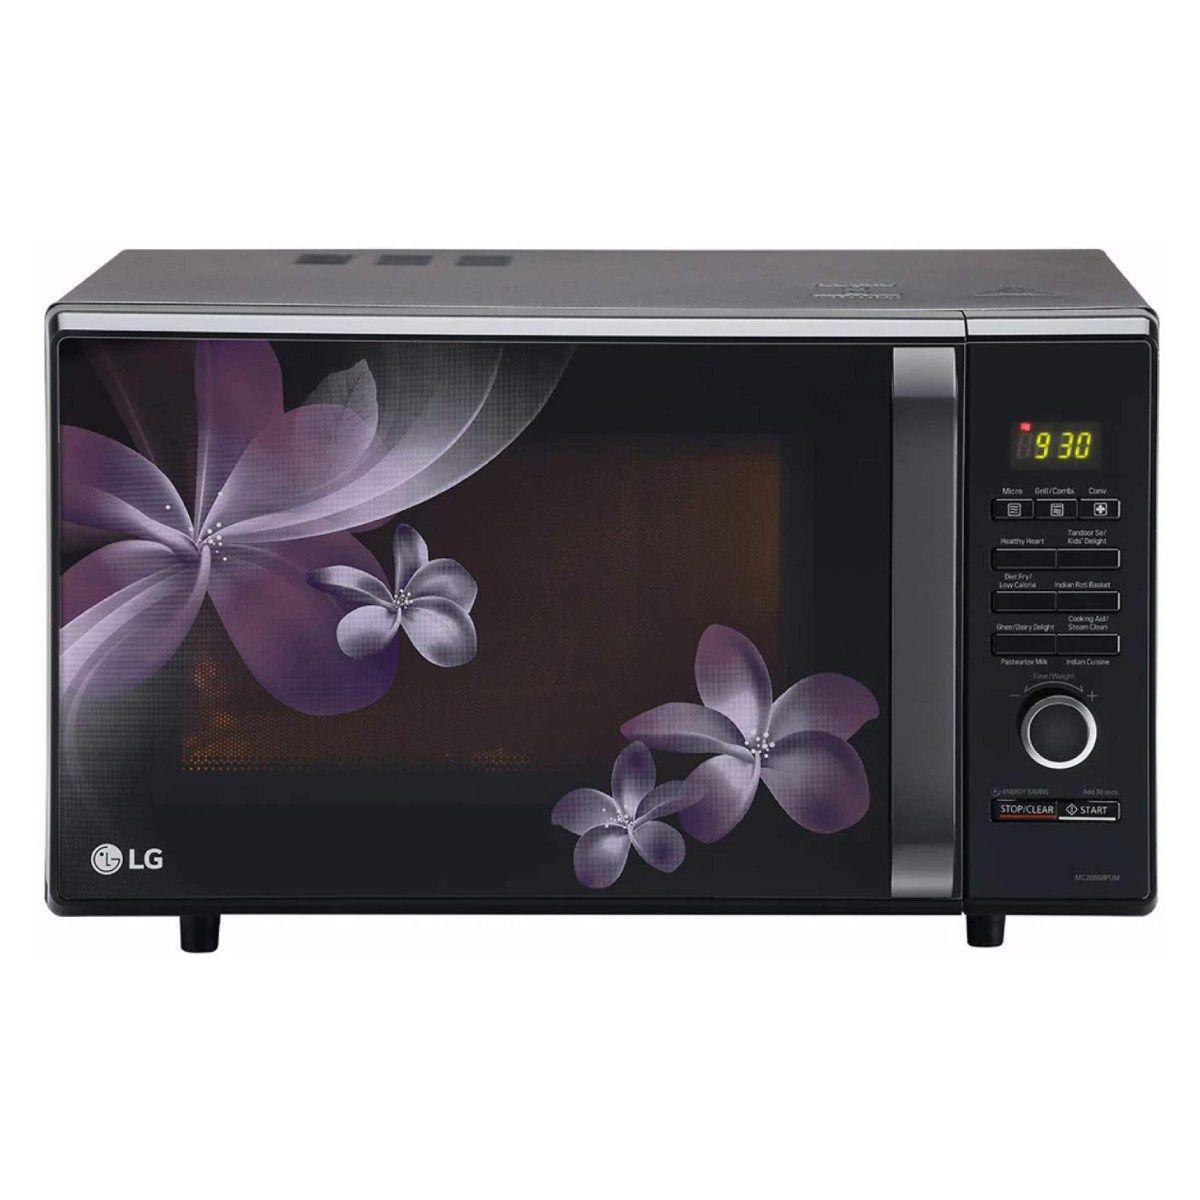 एलजी MC2886BPUM 28 L Convection Microwave Oven